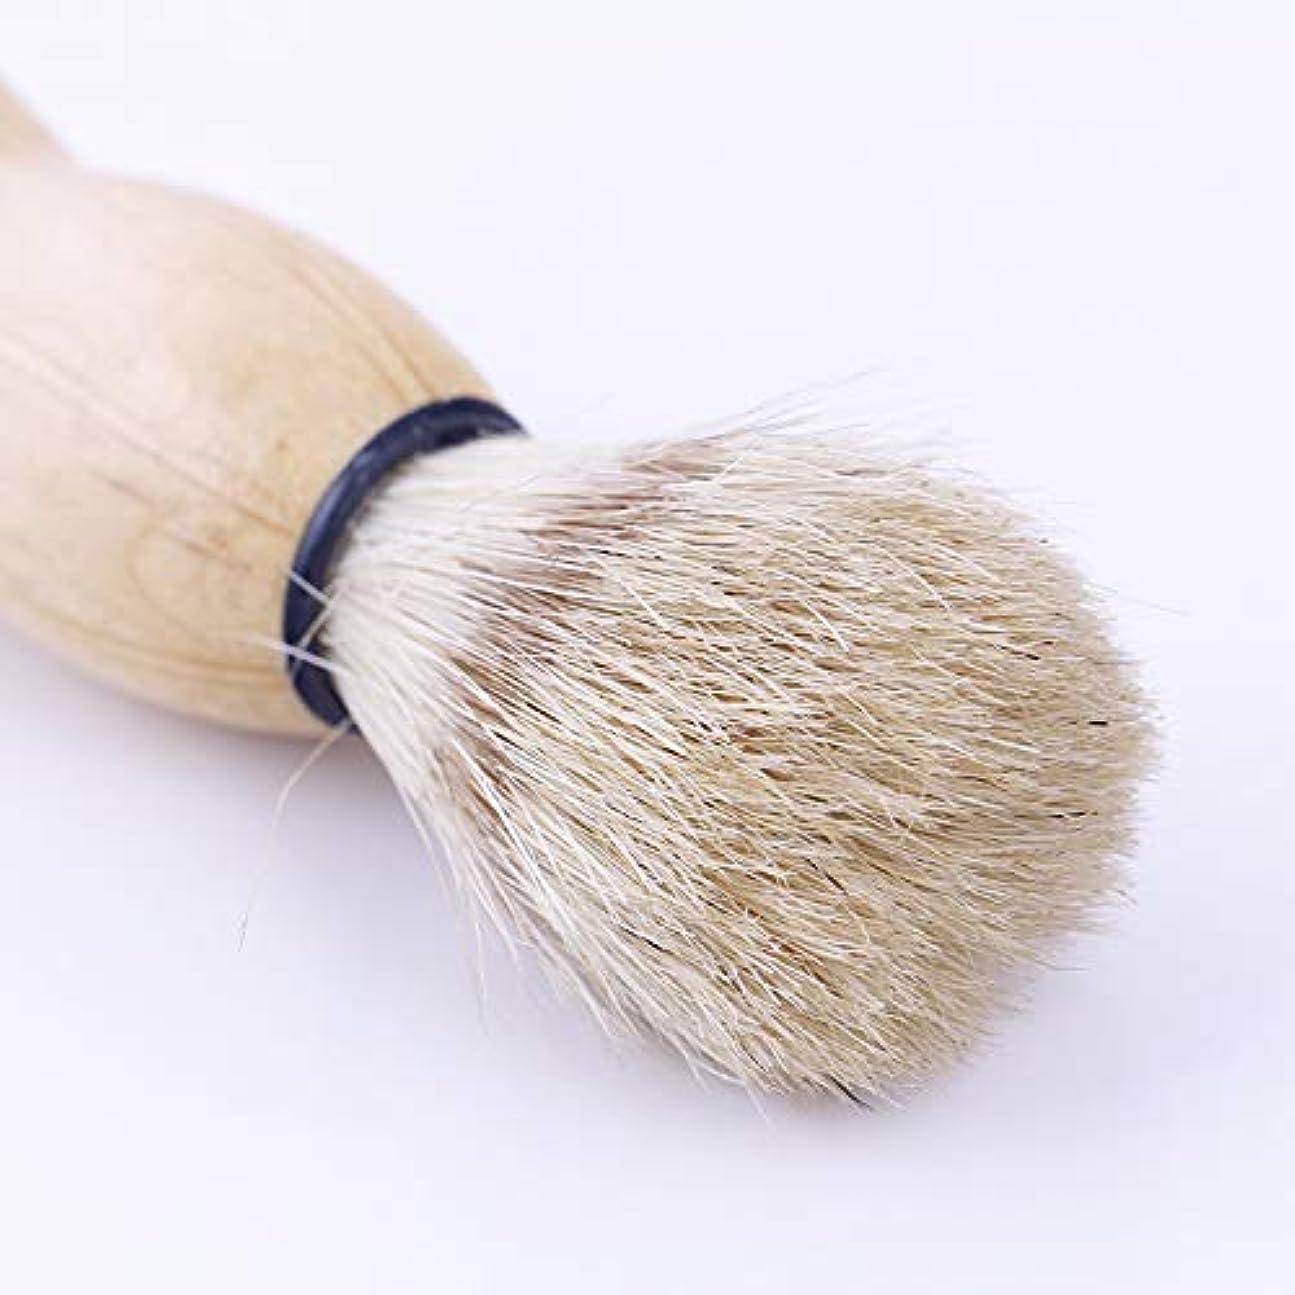 知人物質買うSMTHOME シェービング用ブラシ メンズ 100% ウール毛 理容 洗顔 髭剃り 泡立ち